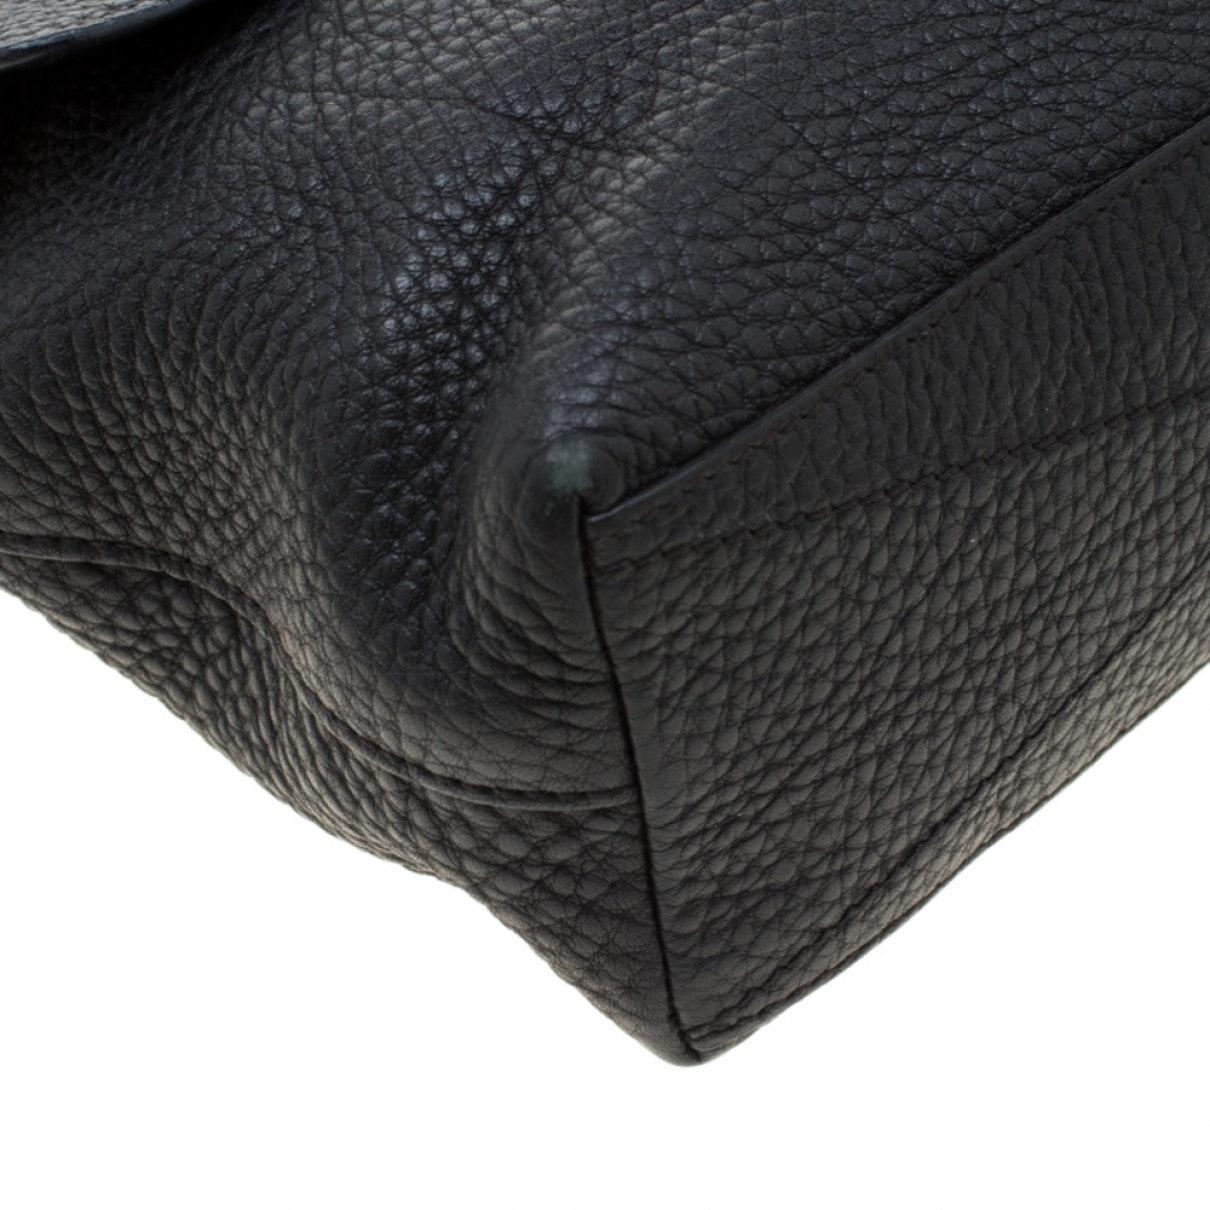 Sac à main en Cuir Noir Marc Jacobs en coloris Noir tT07